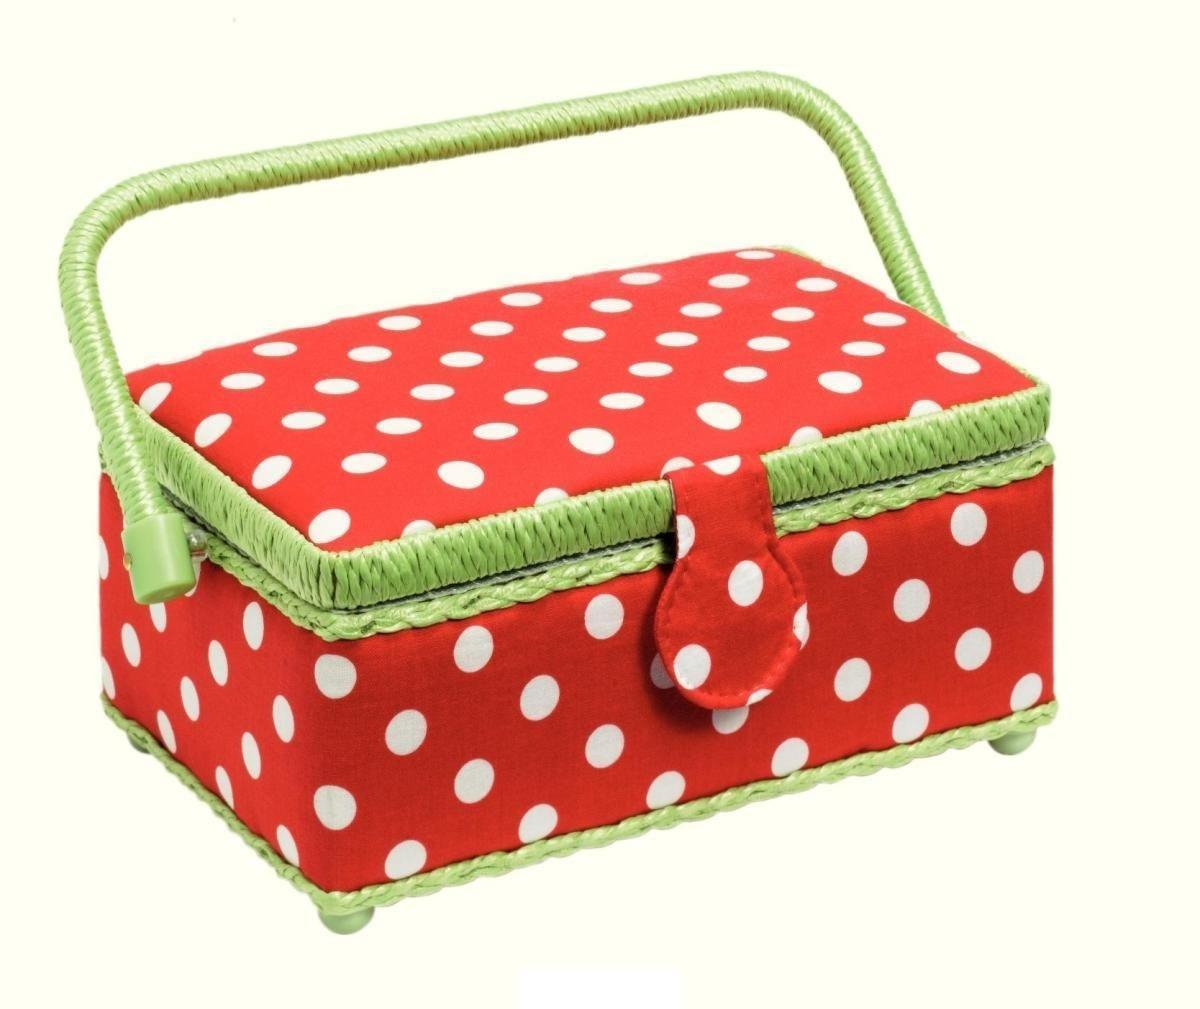 Шкатулка для рукоделия Polka dots (Горошек), цвет: красный, белый, зеленый, 24 х 16 см 11 смRG-D31SШкатулка для рукоделия в форме корзины. Выполнена в отличном дизайне с дуба темного цвета. Здесь вы можете хранить множество безделушек для своего любимого занятия. Отличный подарок на праздник для человека, которого вы любите и уважаете.